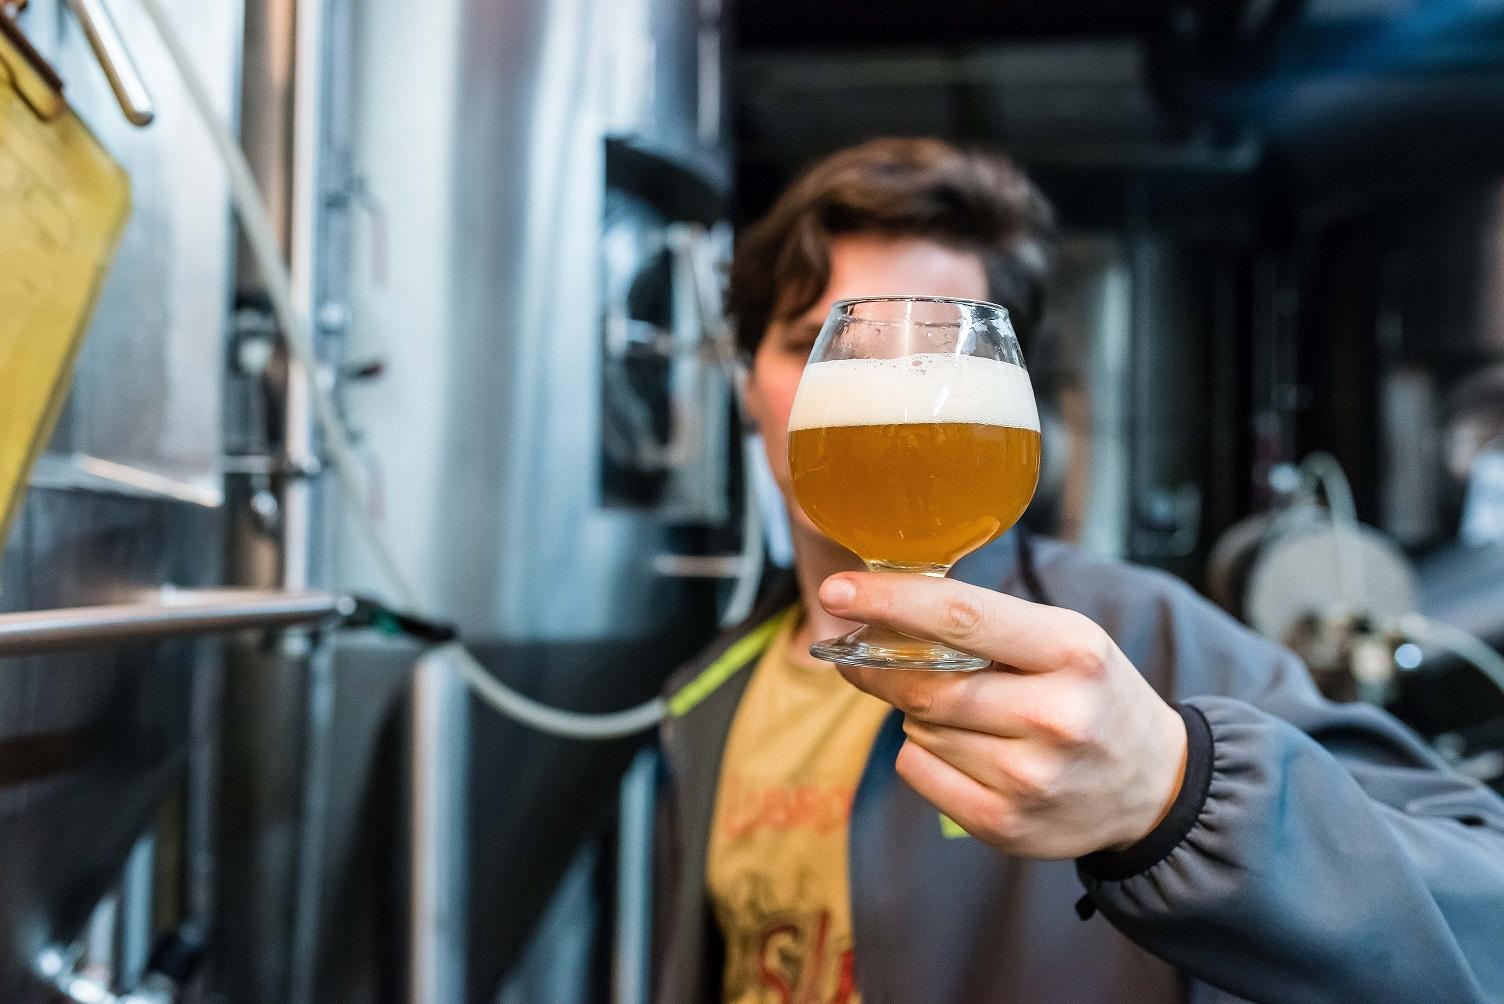 Browar Lubrow 15 - Browar Lubrow. Z miłości do piwa